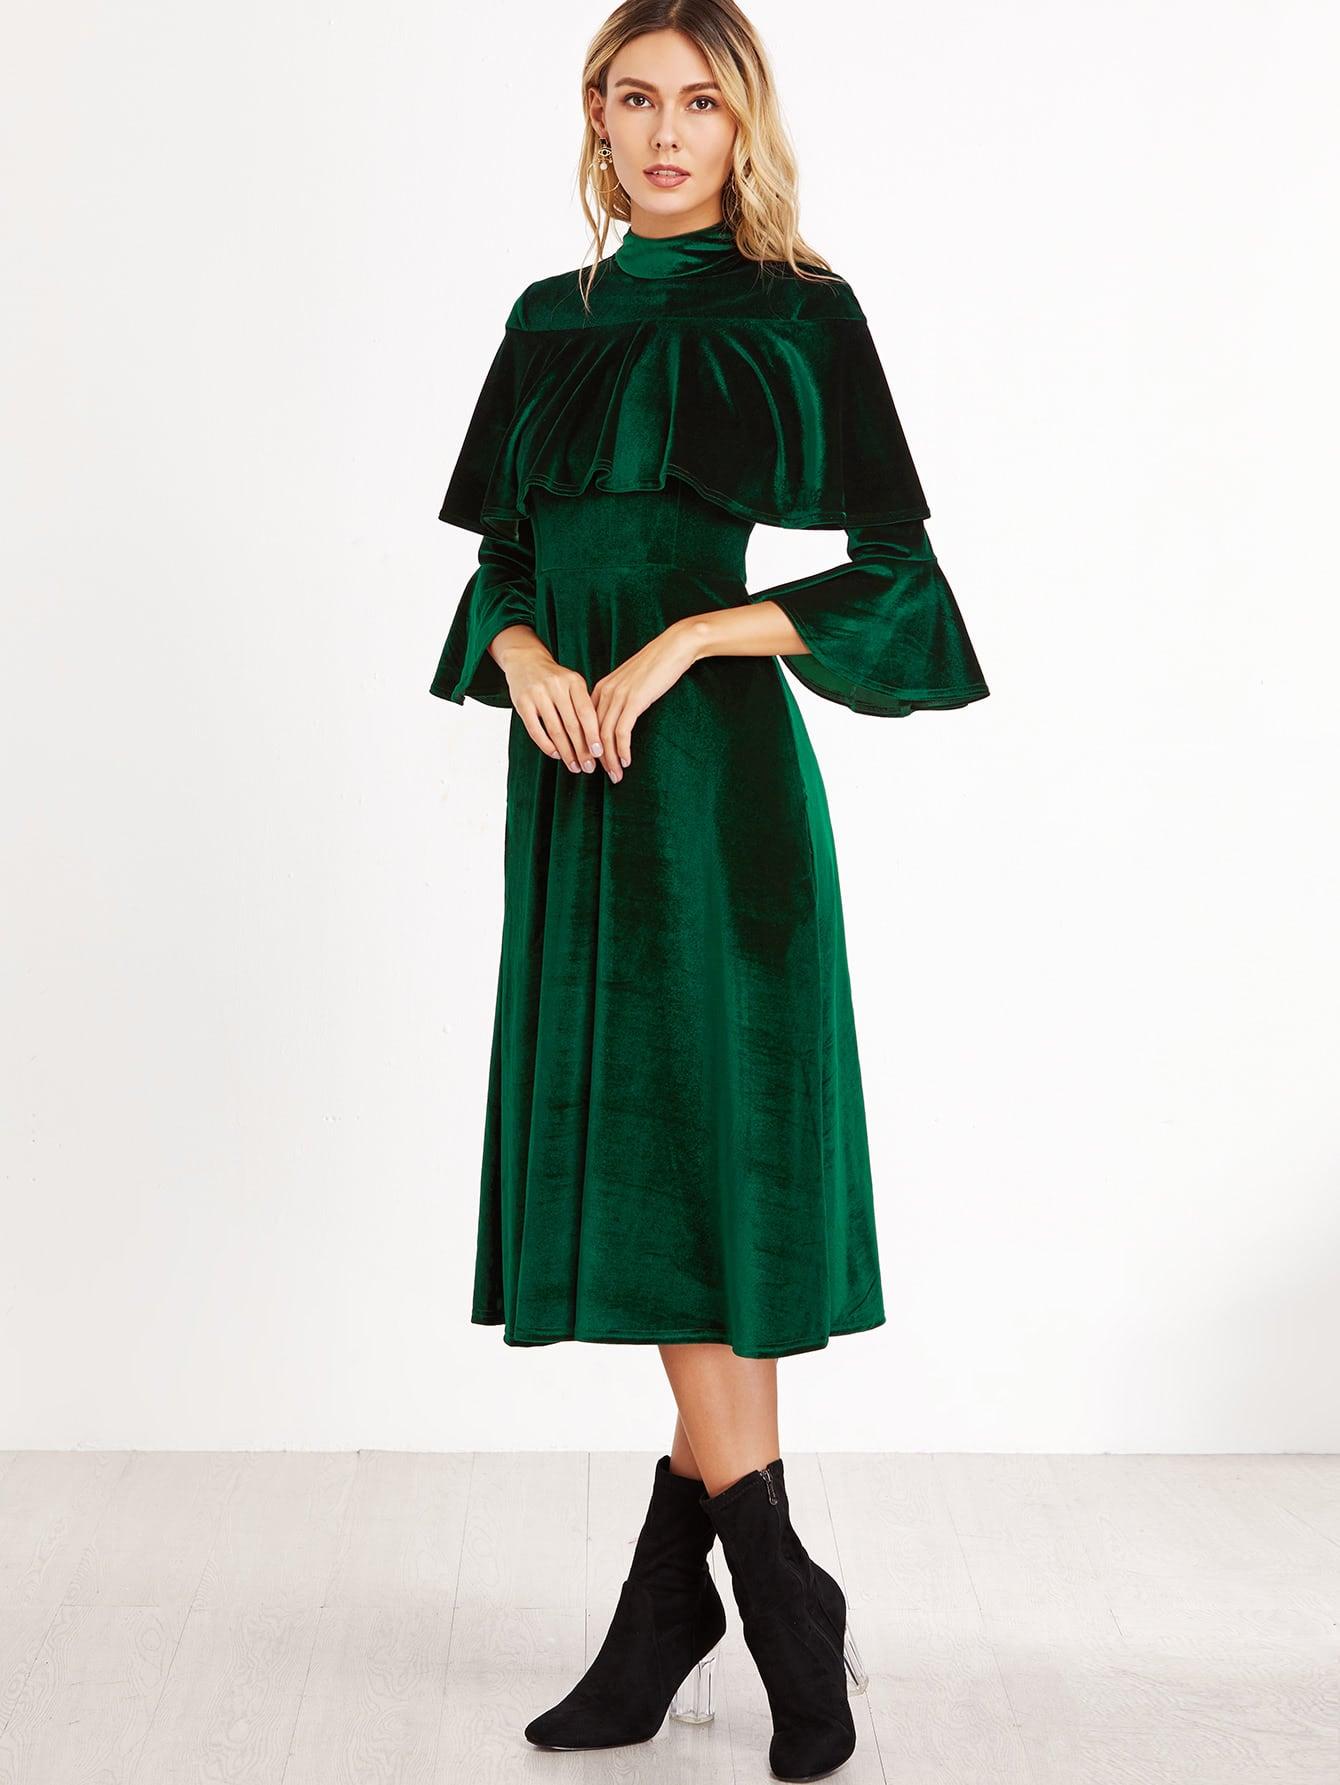 dress161109704_2